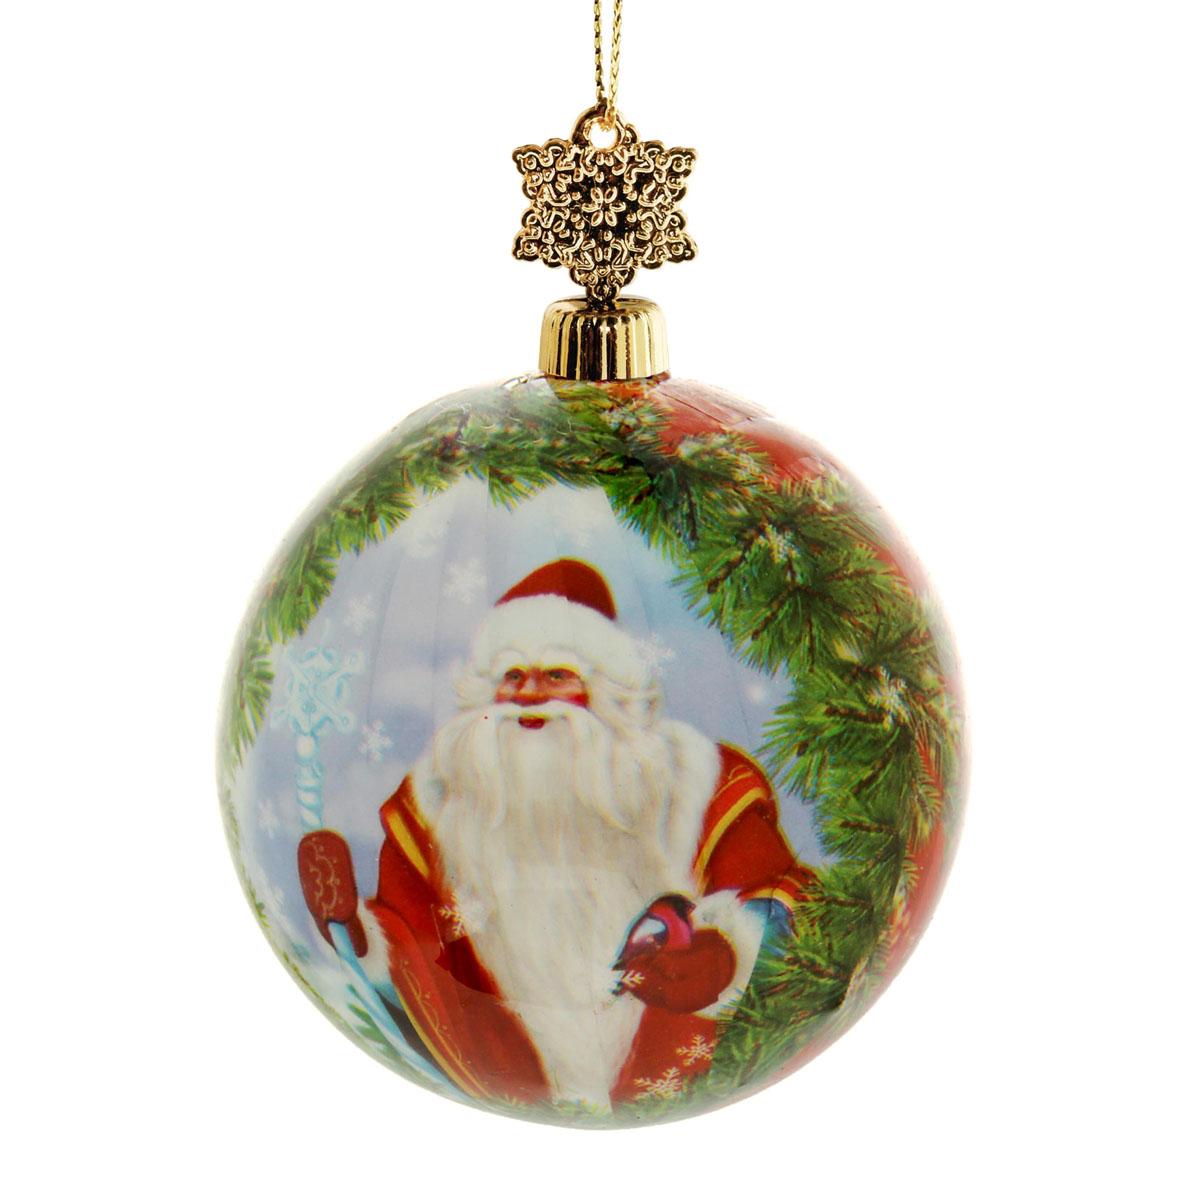 Новогоднее подвесное украшение Sima-land Шар Дед Мороз, диаметр 8 см. 279334279334Новогоднее подвесное украшение Sima-land выполнено из высококачественного пенопласта в форме шара и покрыто цветной пленкой. Шар декорирован изображением Деда Мороза и пожеланиями. С помощью специальной петельки украшение можно повесить в любом понравившемся вам месте. Но, конечно, удачнее всего такой набор будет смотреться на праздничной елке. Елочная игрушка - символ Нового года. Она несет в себе волшебство и красоту праздника. Создайте в своем доме атмосферу веселья и радости, украшая новогоднюю елку нарядными игрушками, которые будут из года в год накапливать теплоту воспоминаний. Материал: пенопласт, пленка, текстиль.